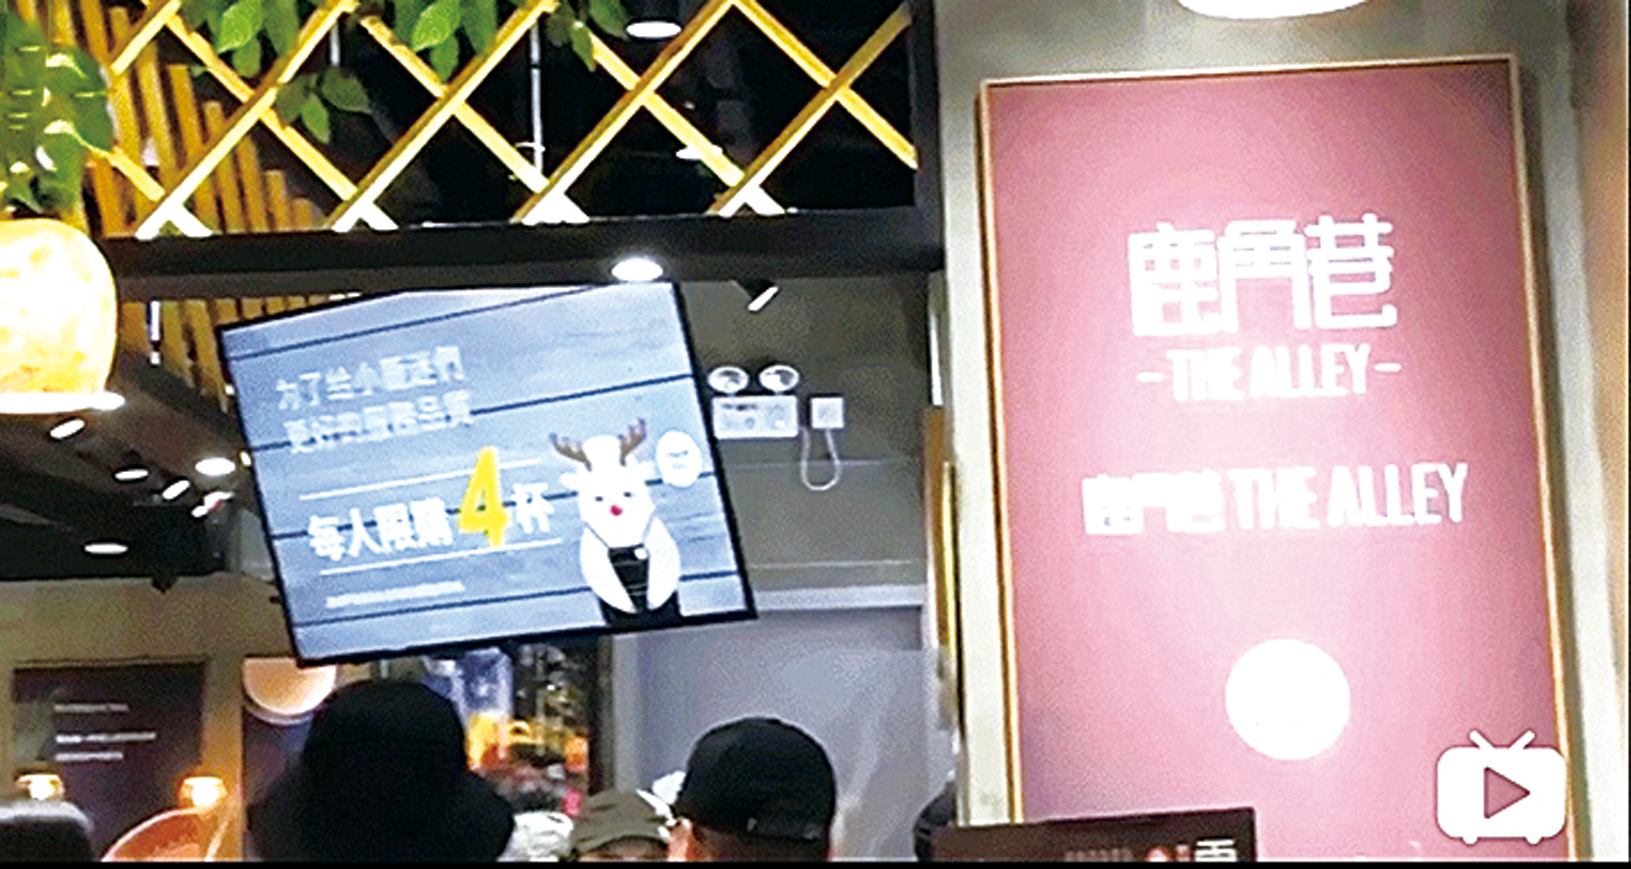 去年11月底大陸註銷奶茶企業共3,478 家。圖為杭州開的一家網紅鹿角巷店。(影片截圖)